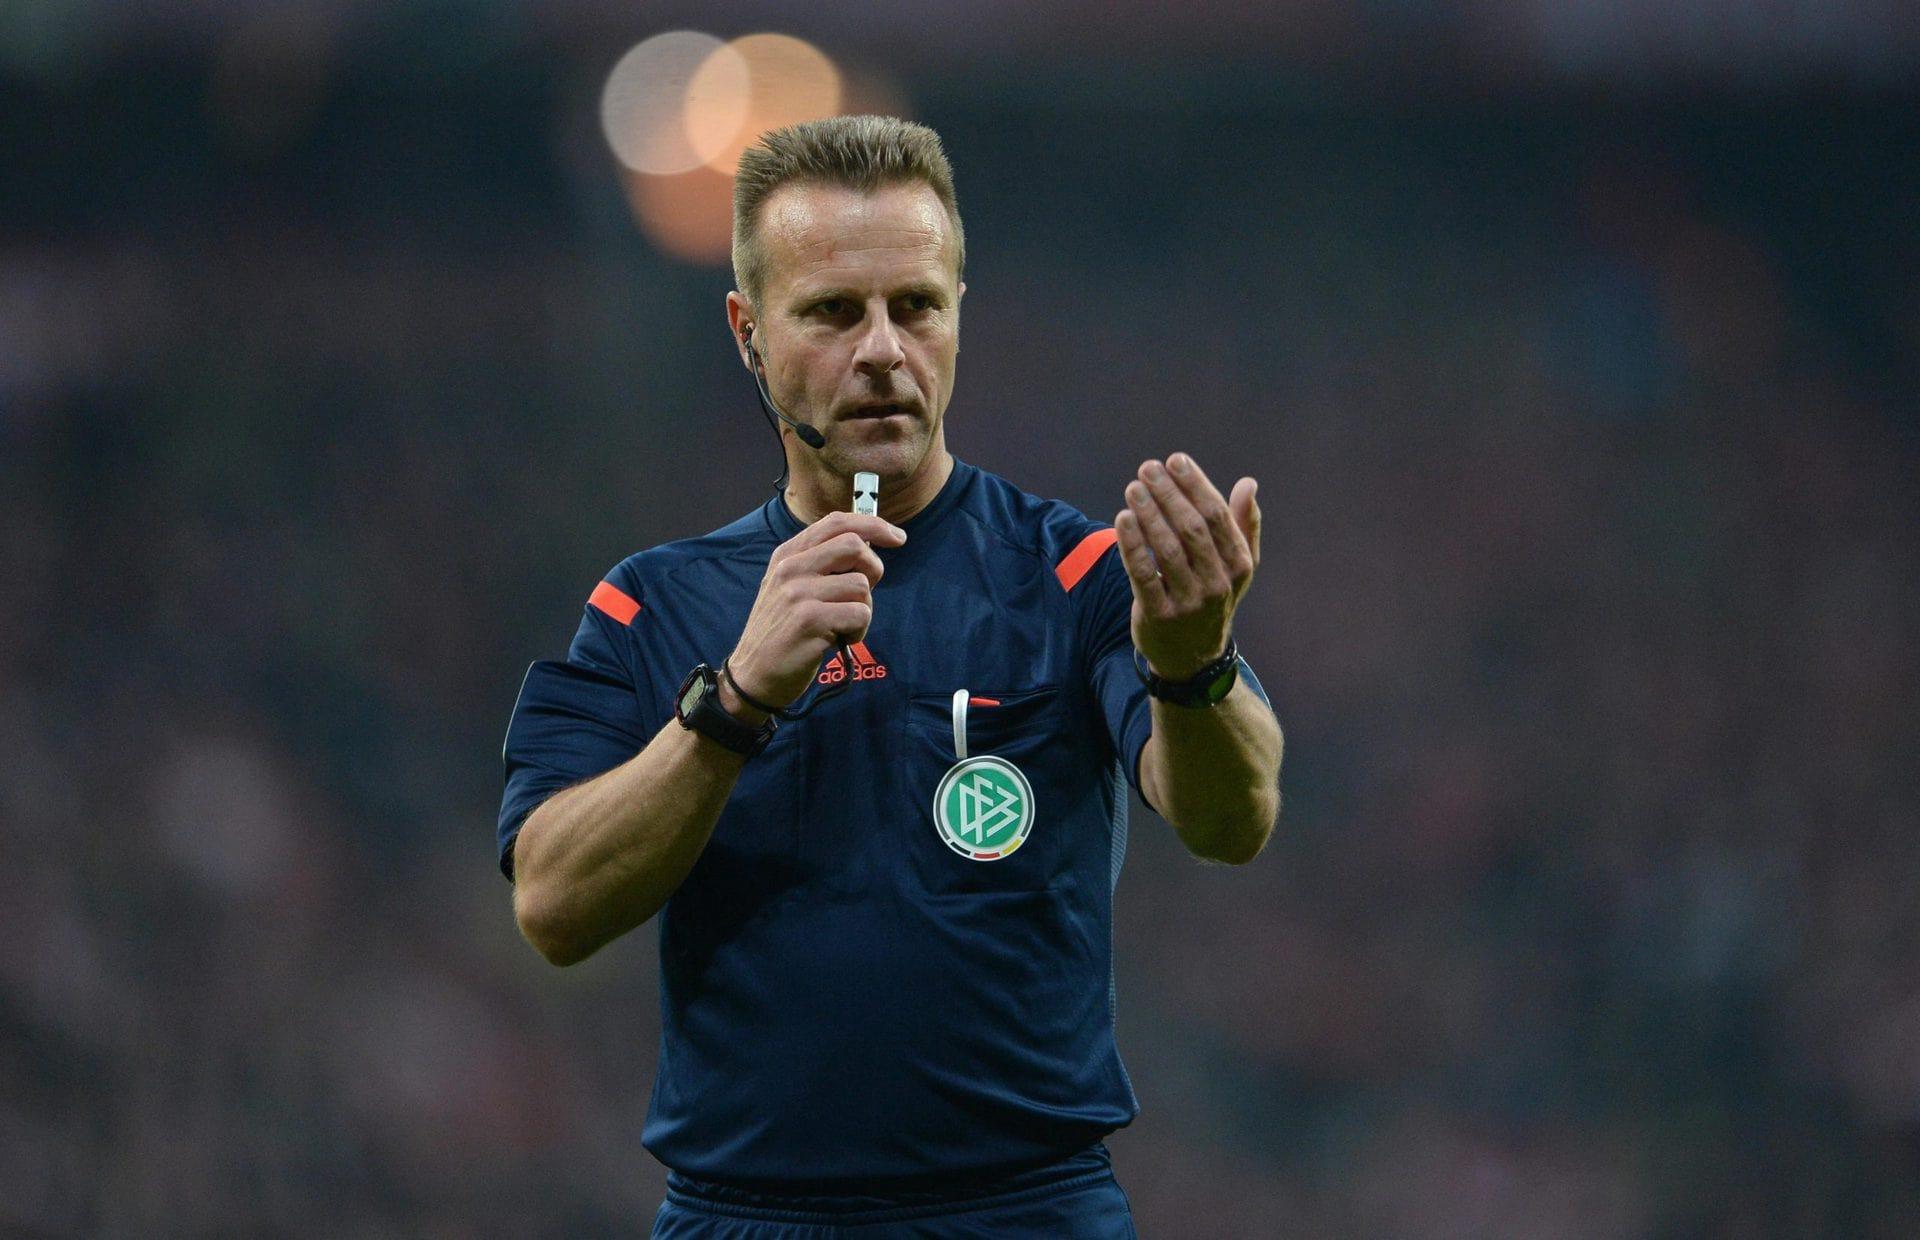 Ex-Referees kritisieren Gräfe für Klage gegen DFB Wegen Altersdiskriminierung